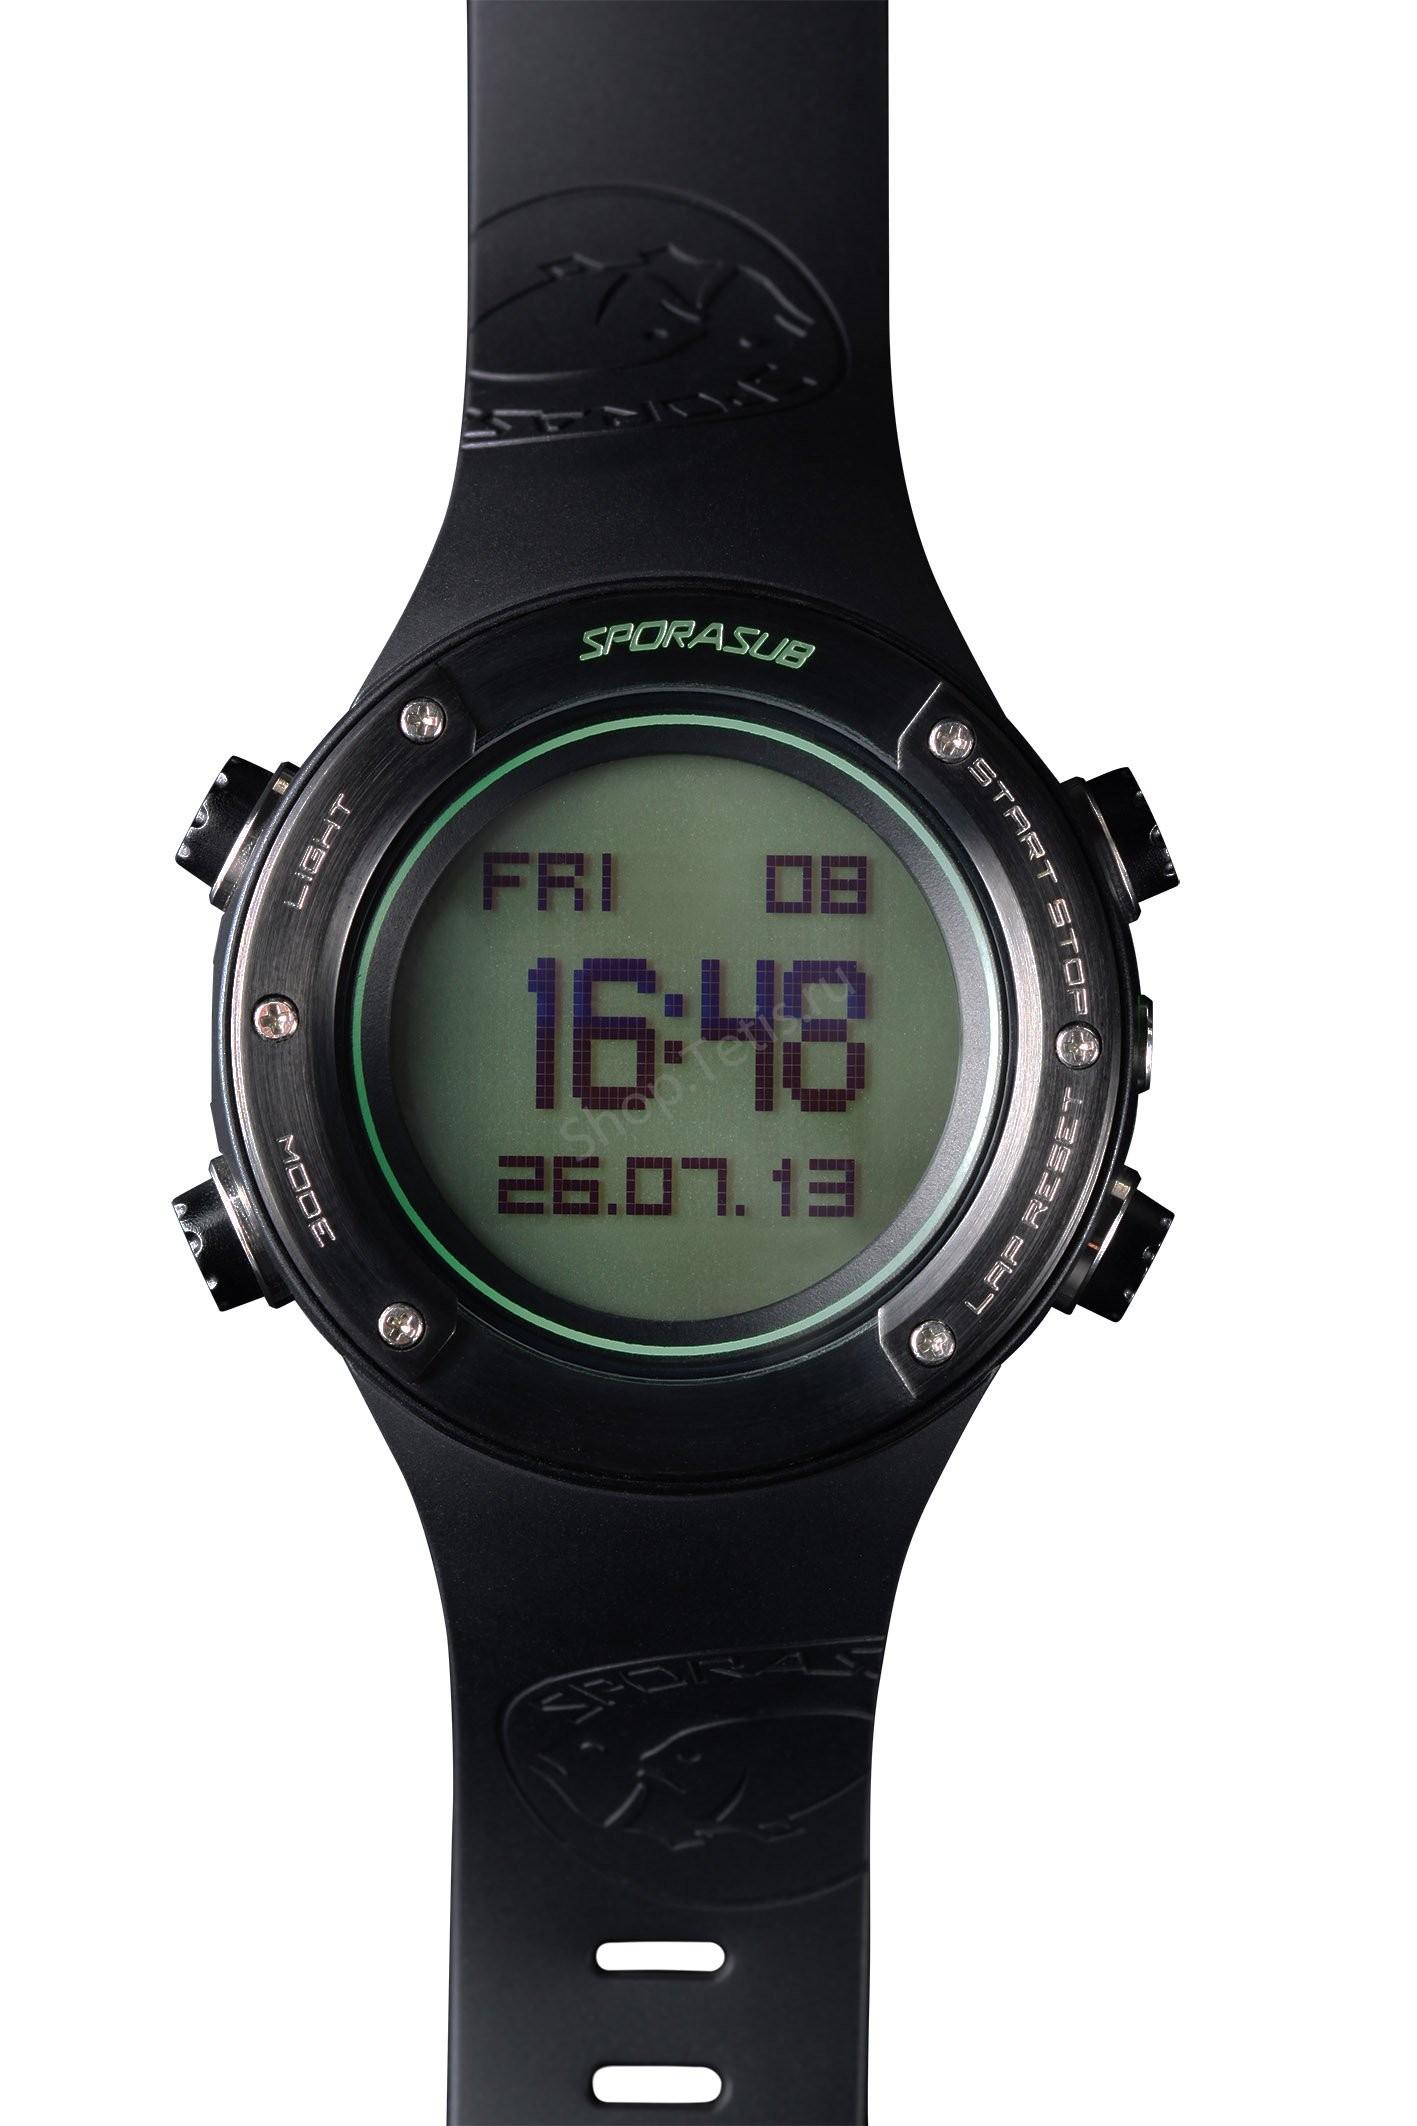 Прибор подводного охотника и фридайвера SP 2 Sporasub